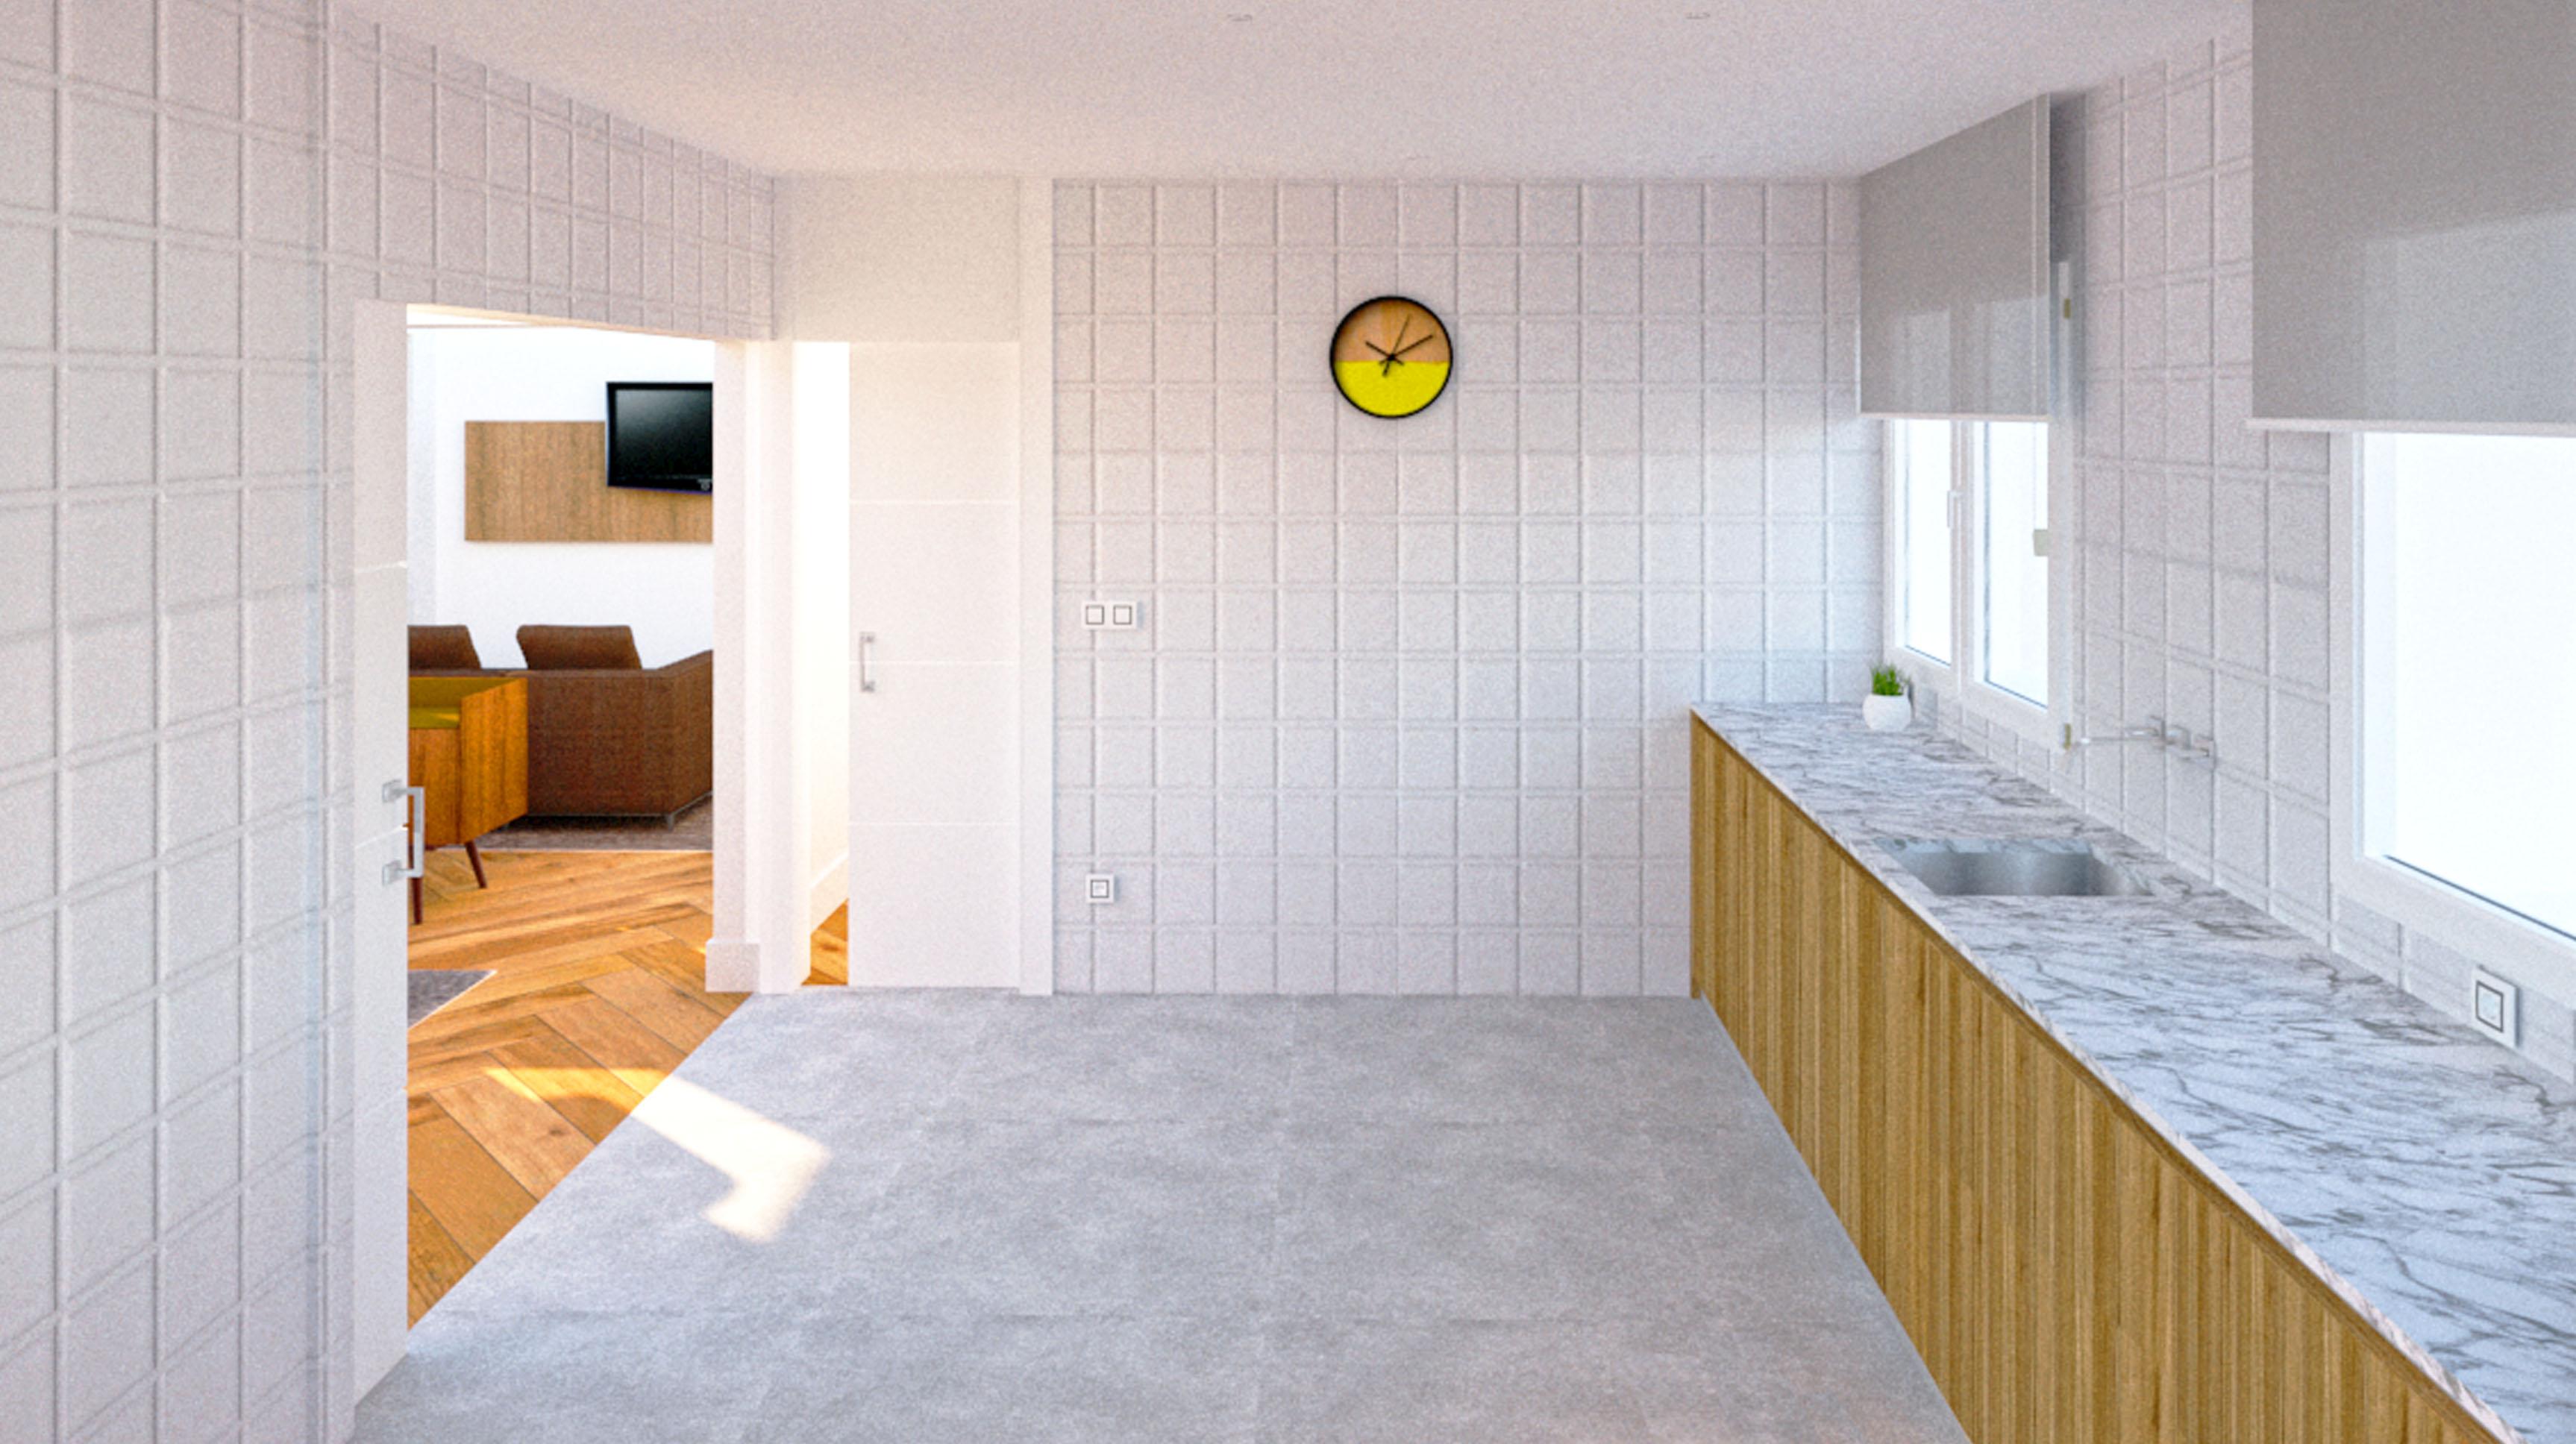 Diseño de la cocina para el proyecto de reforma de un piso en Gijón